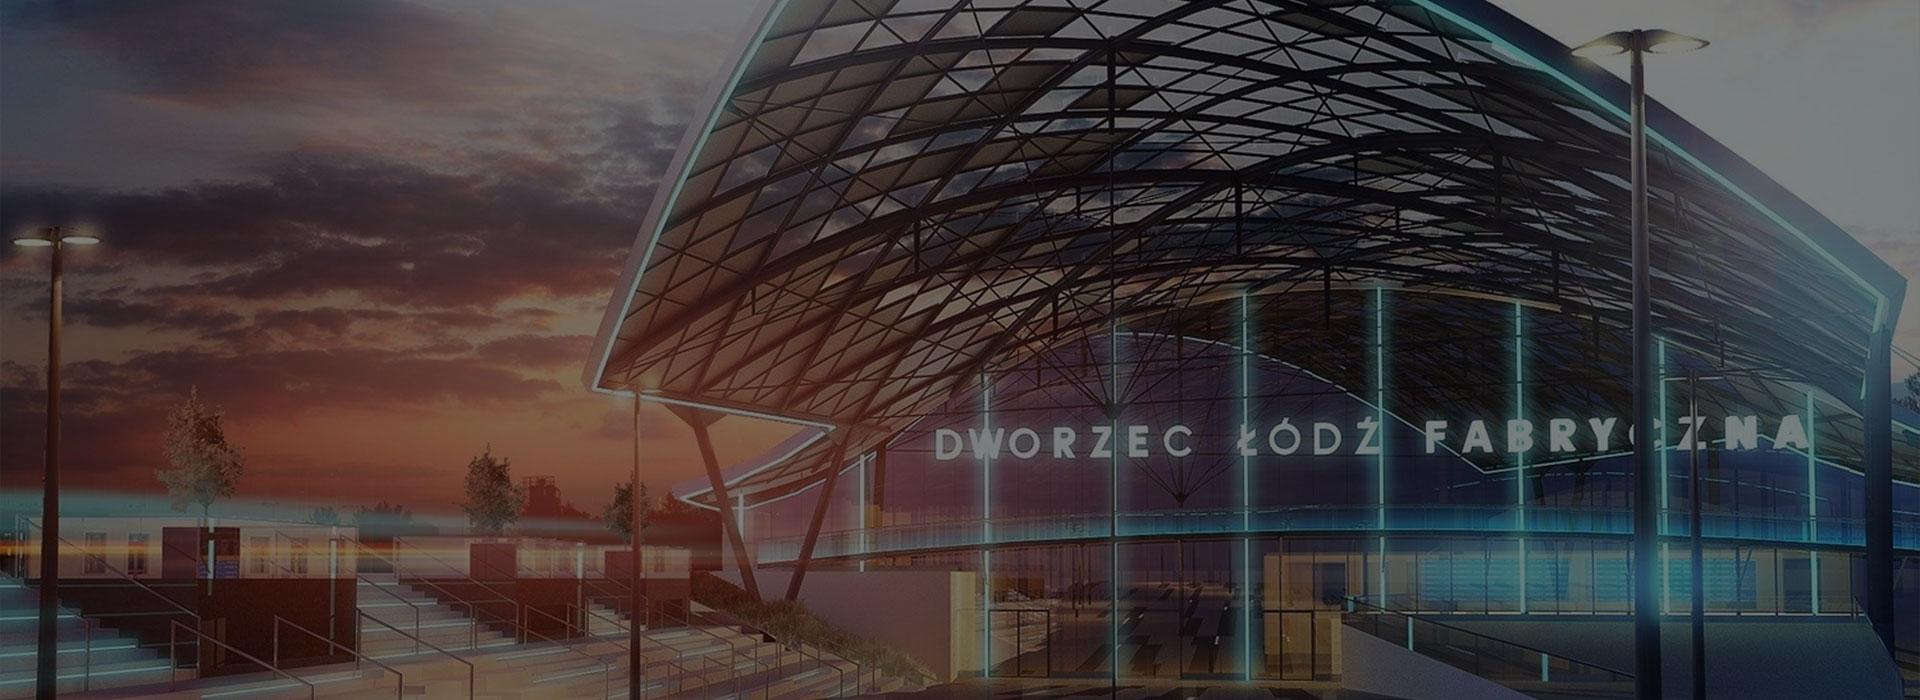 Nowa Łódź Fabryczna